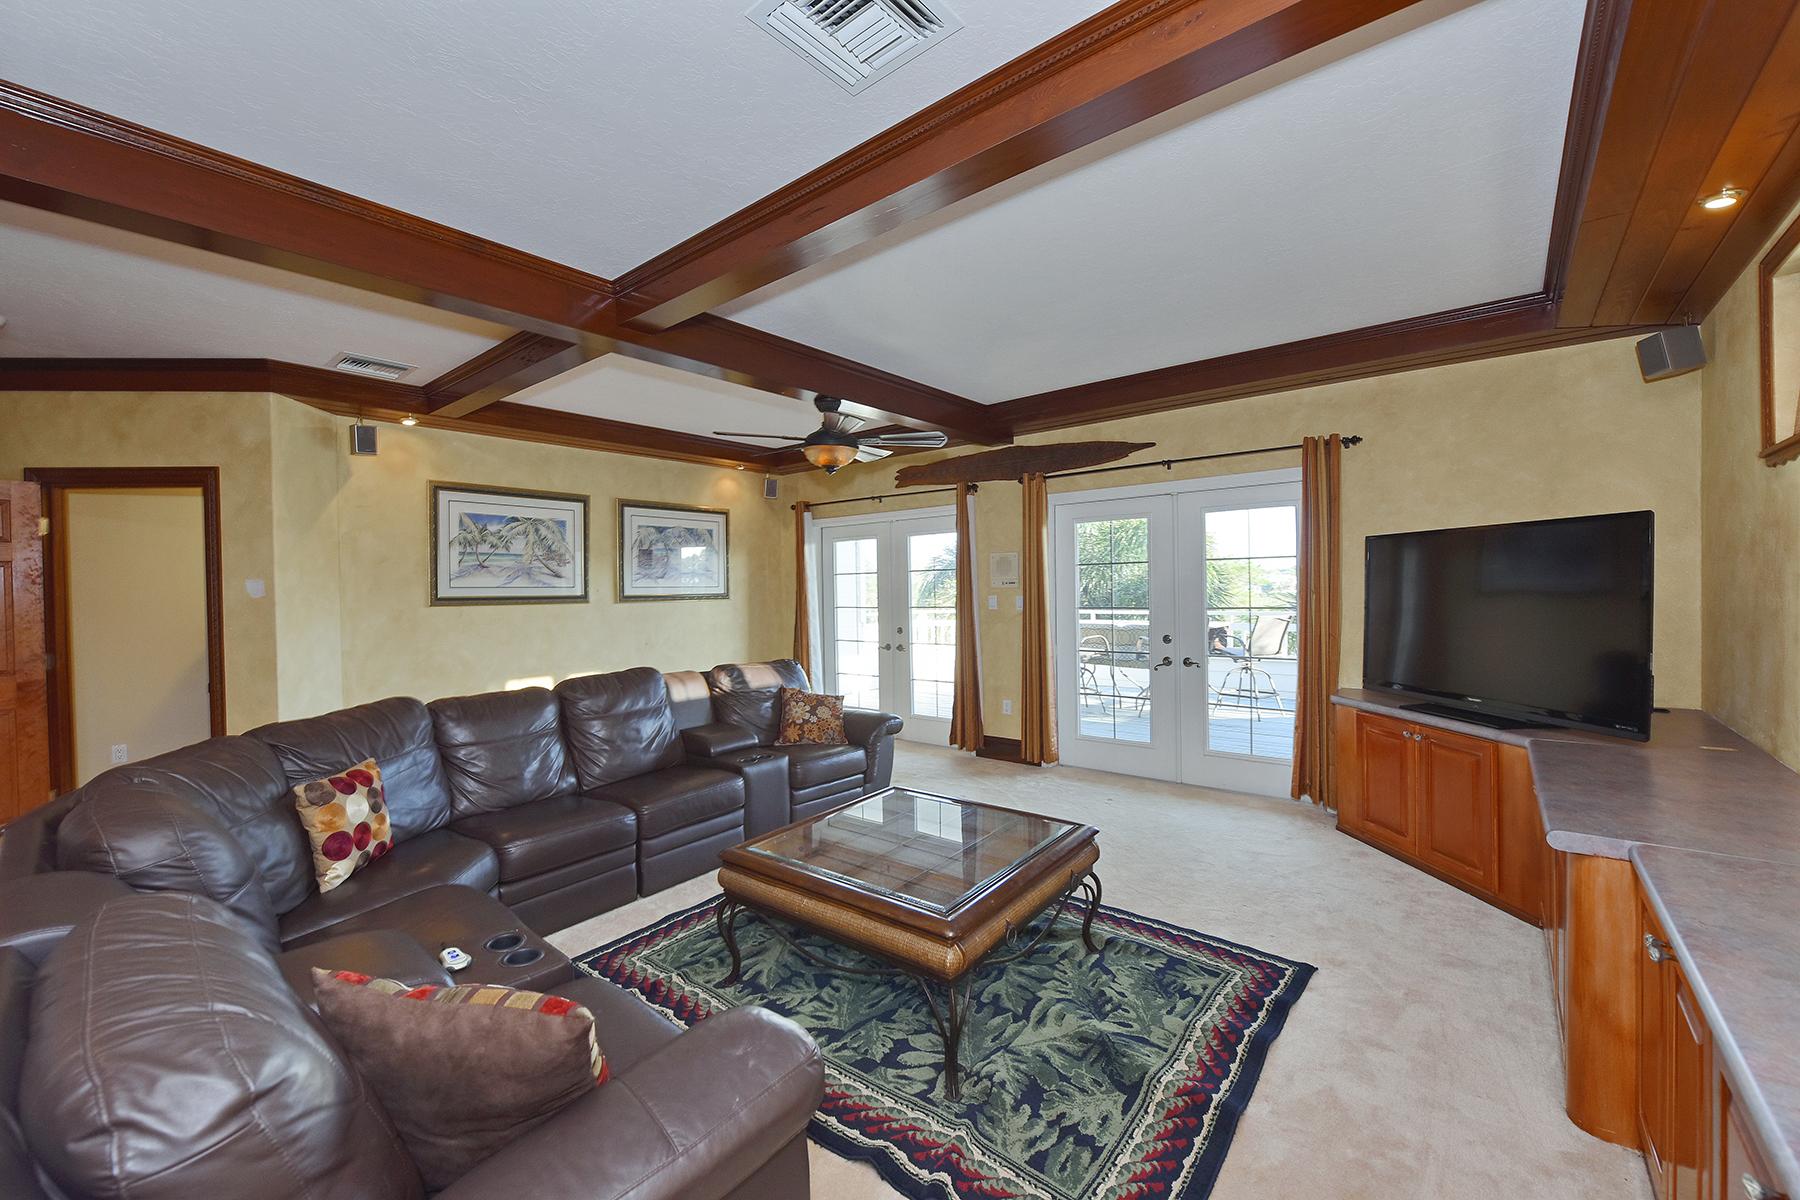 Additional photo for property listing at NOKOMIS 200  Sunrise Dr,  Nokomis, Florida 34275 United States